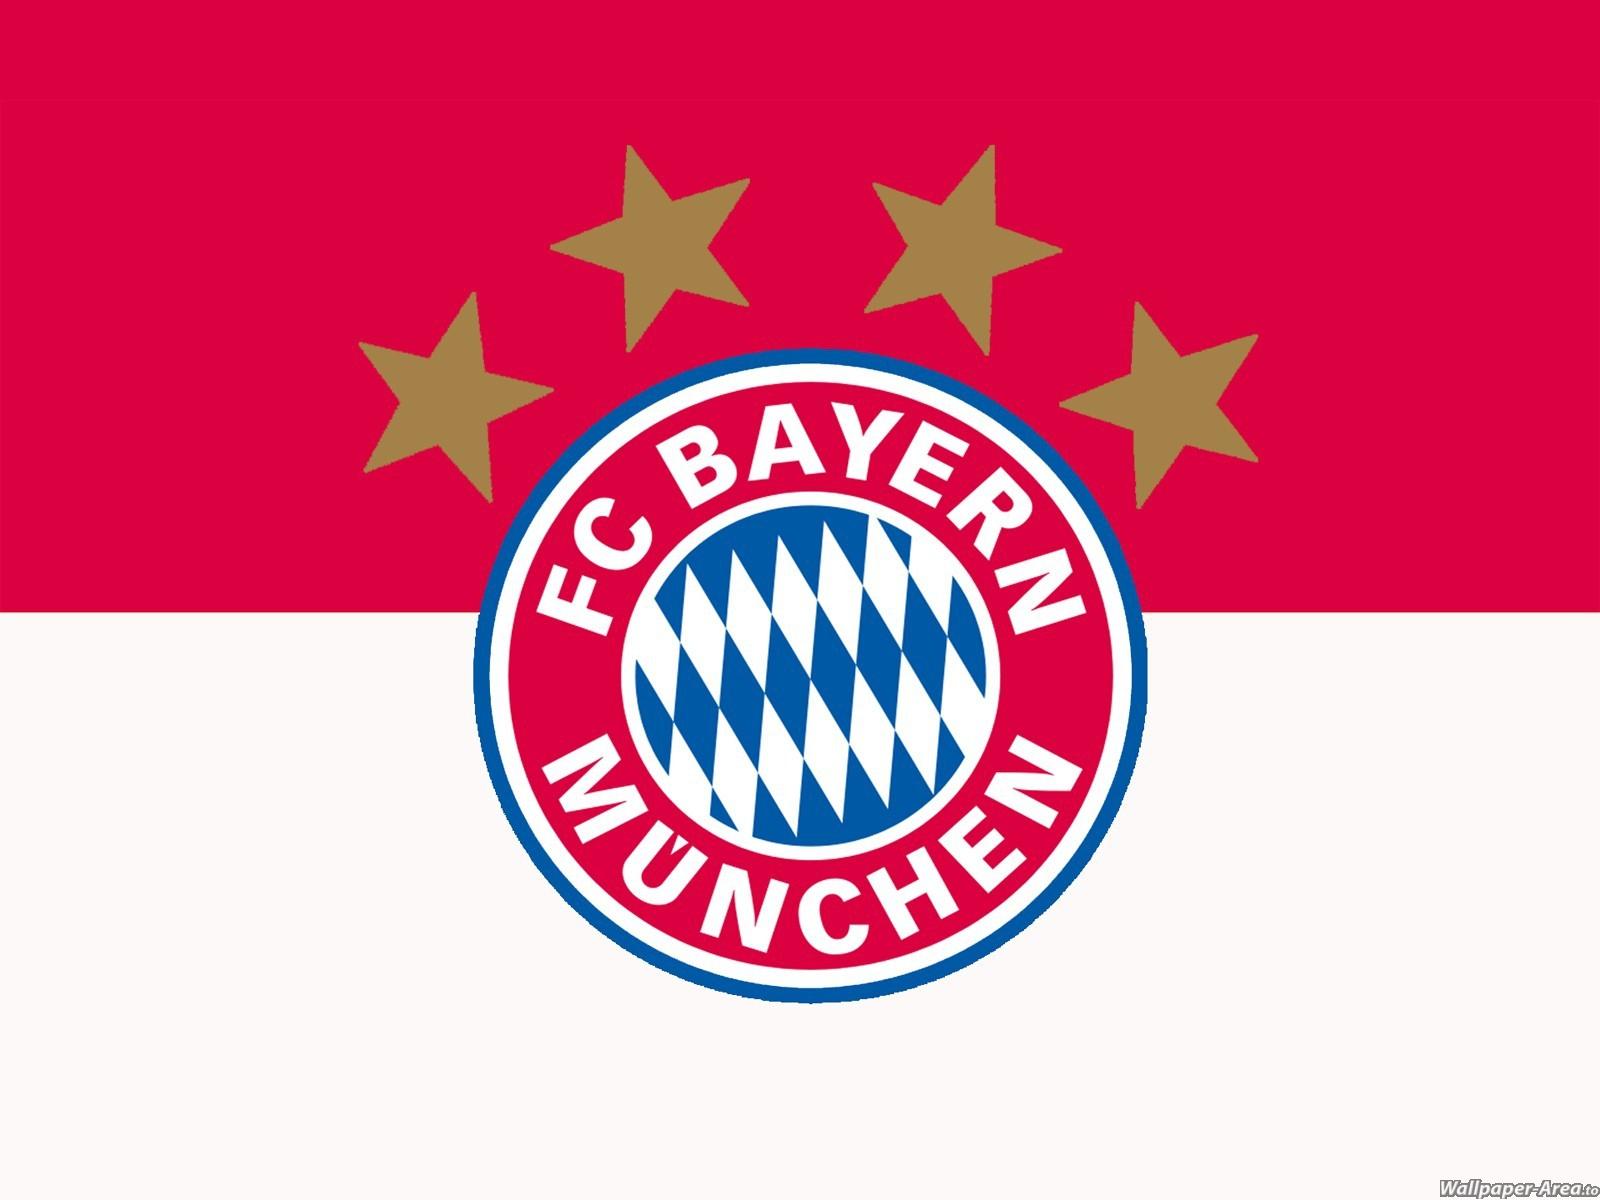 Bayern Munich 4 Stars Bayern Munich Logo With Stars